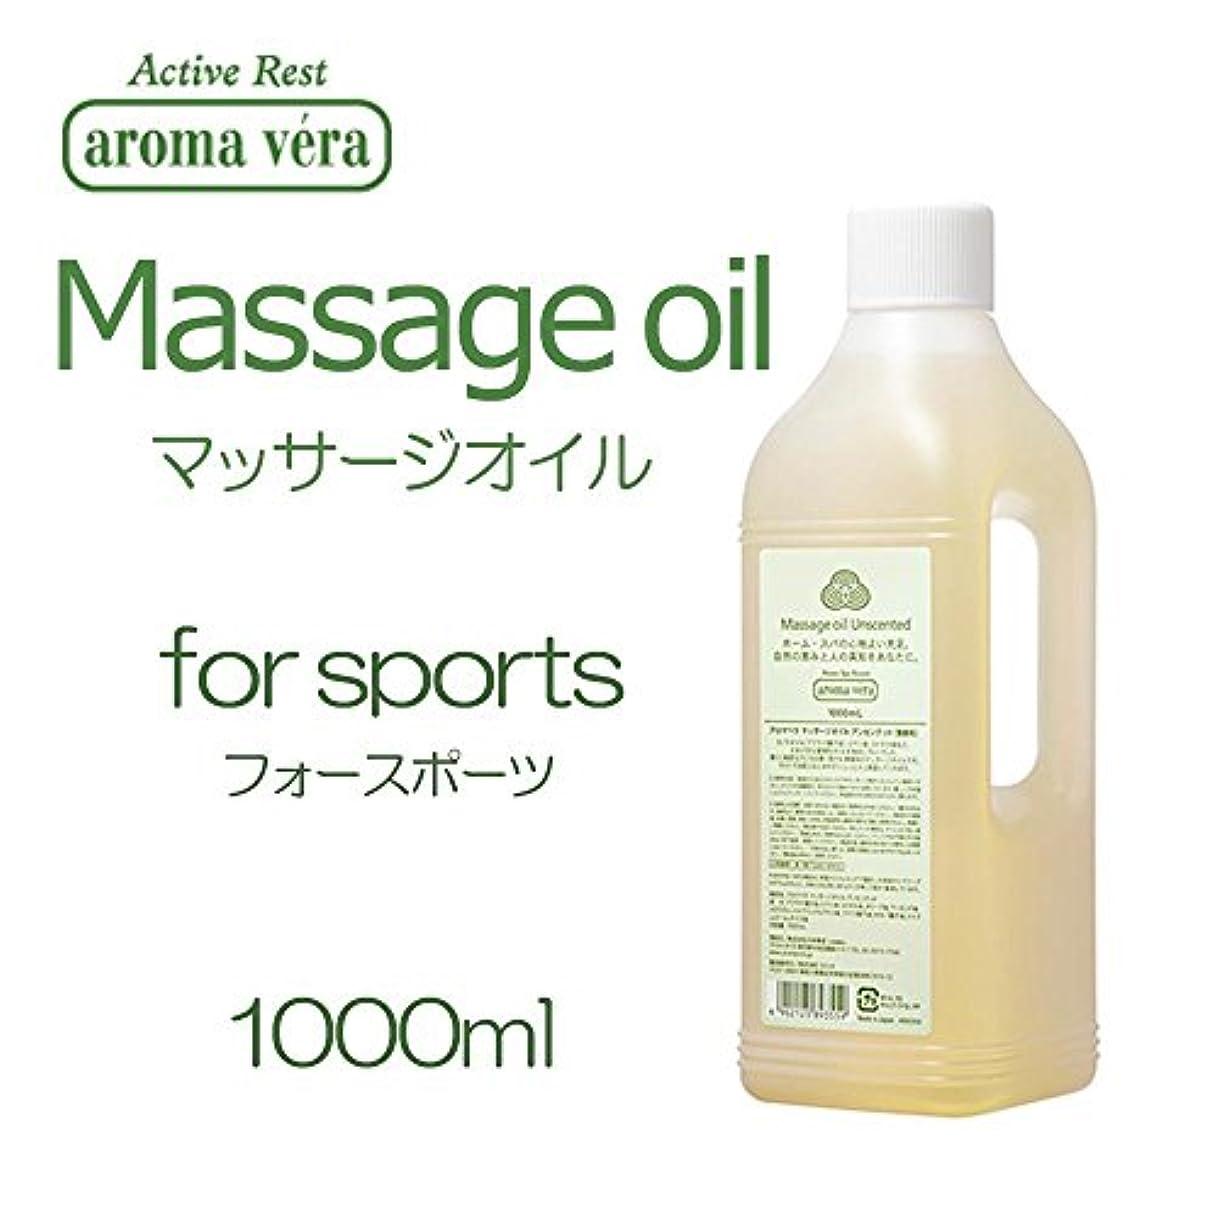 パートナー良心的明快aroma vera(アロマベラ) マッサージオイル フォースポーツ 1000ml